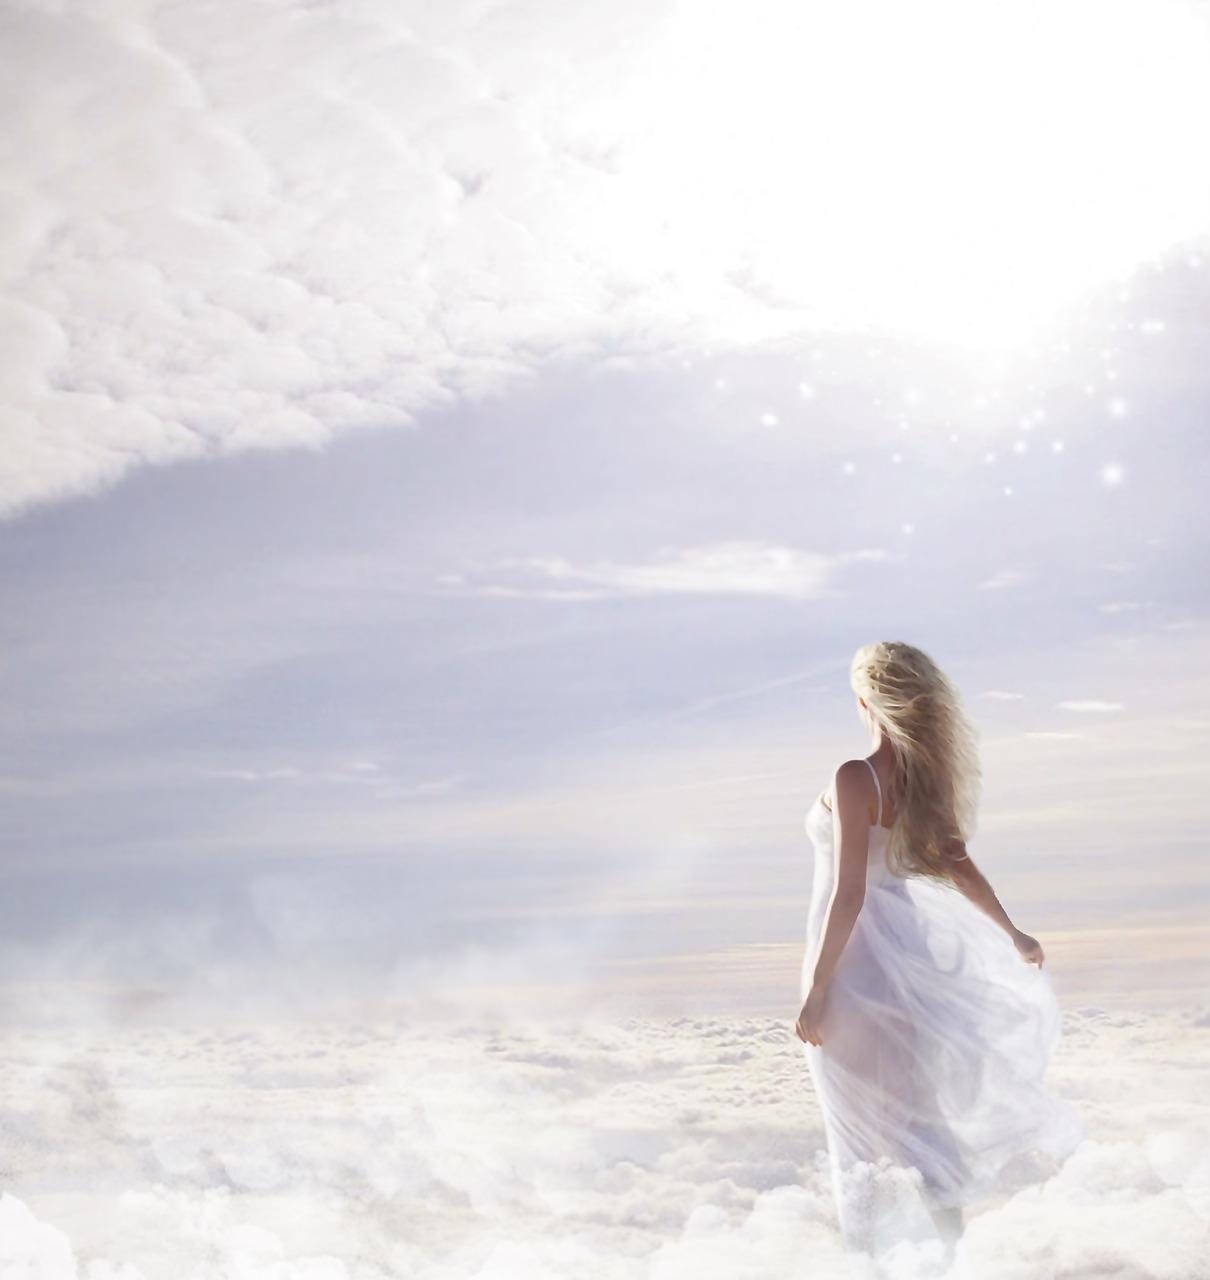 心に残っているわだかまりを癒すことで、<br /> 記憶のプログラムが変わっていきます。